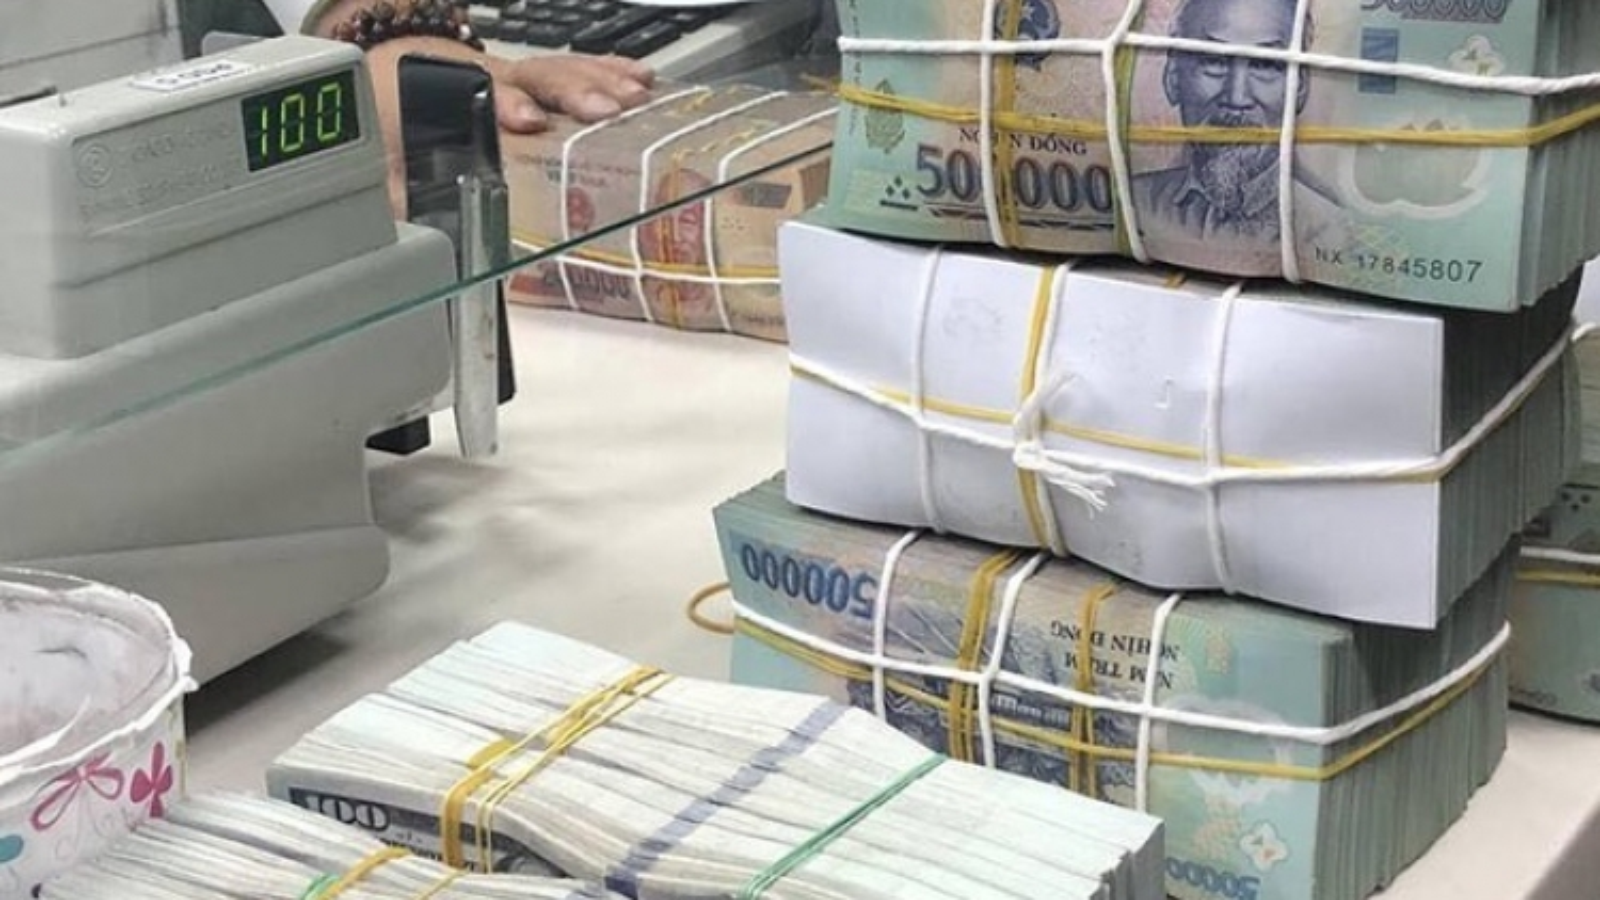 Tháng 1, thu gần 2.100 tỷ đồng từ thoái vốn nhà nước tại doanh nghiệp